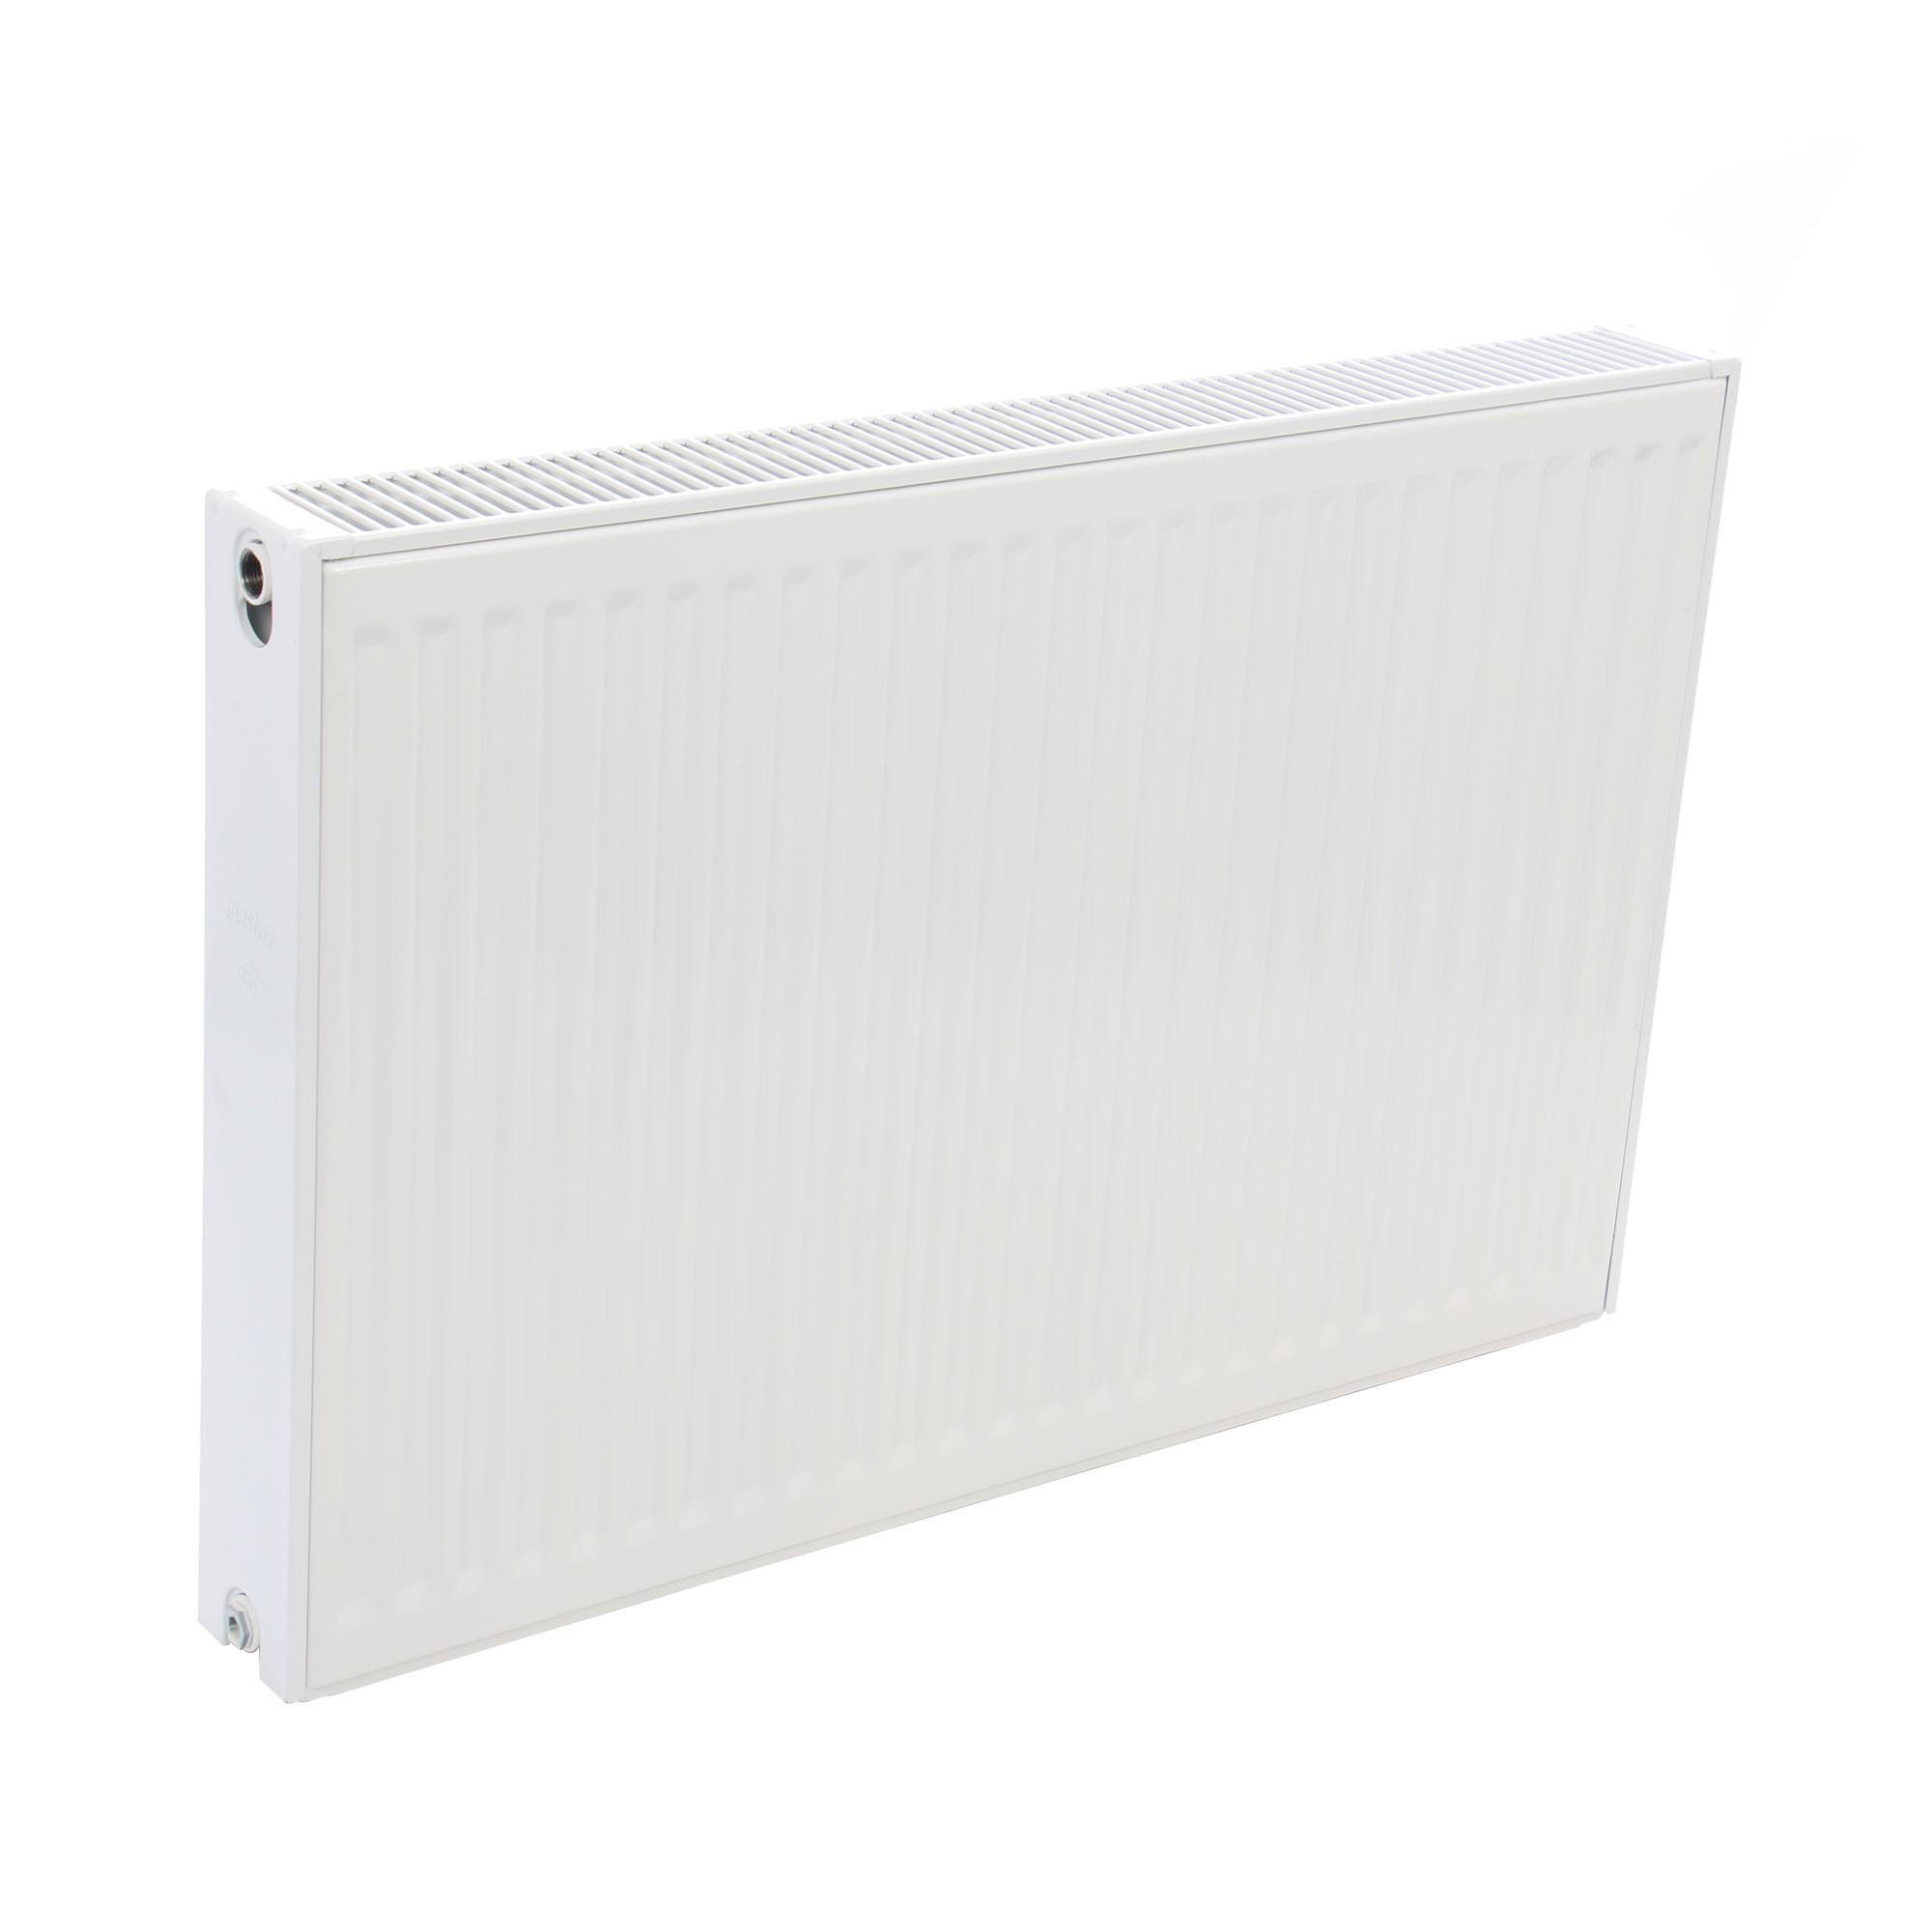 Radiator (calorifer) otel VIGO 22, 600 x 1000 mm, accesorii incluse fornello imagine